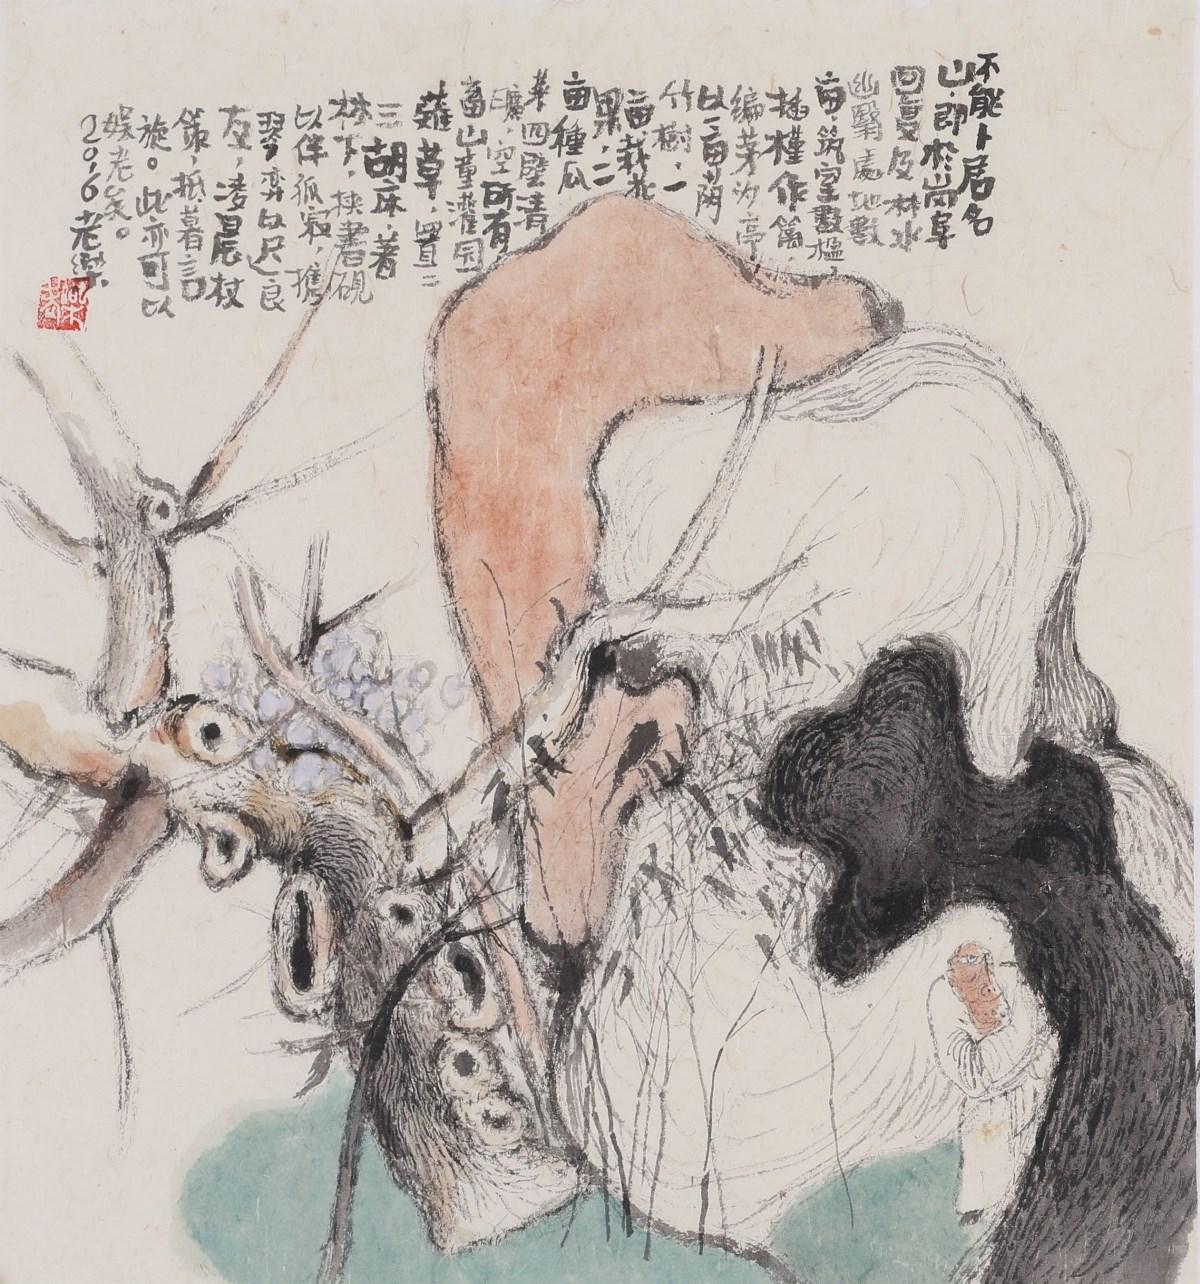 付满乐(老乐)中国画系列